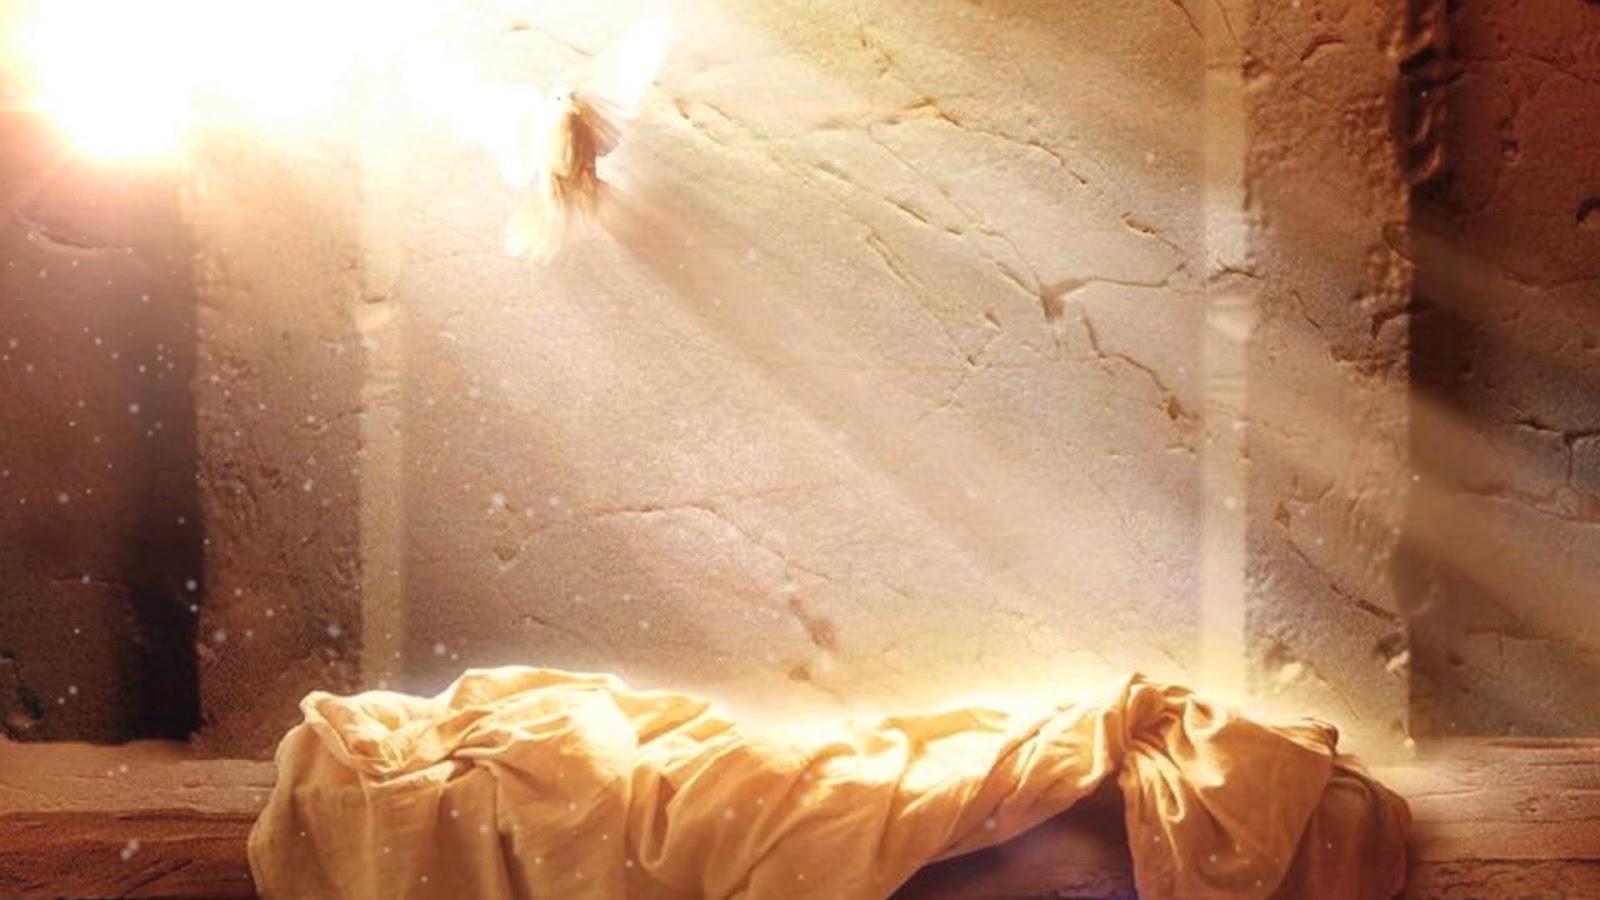 Zmartwychwstał Pan – Alleluja!